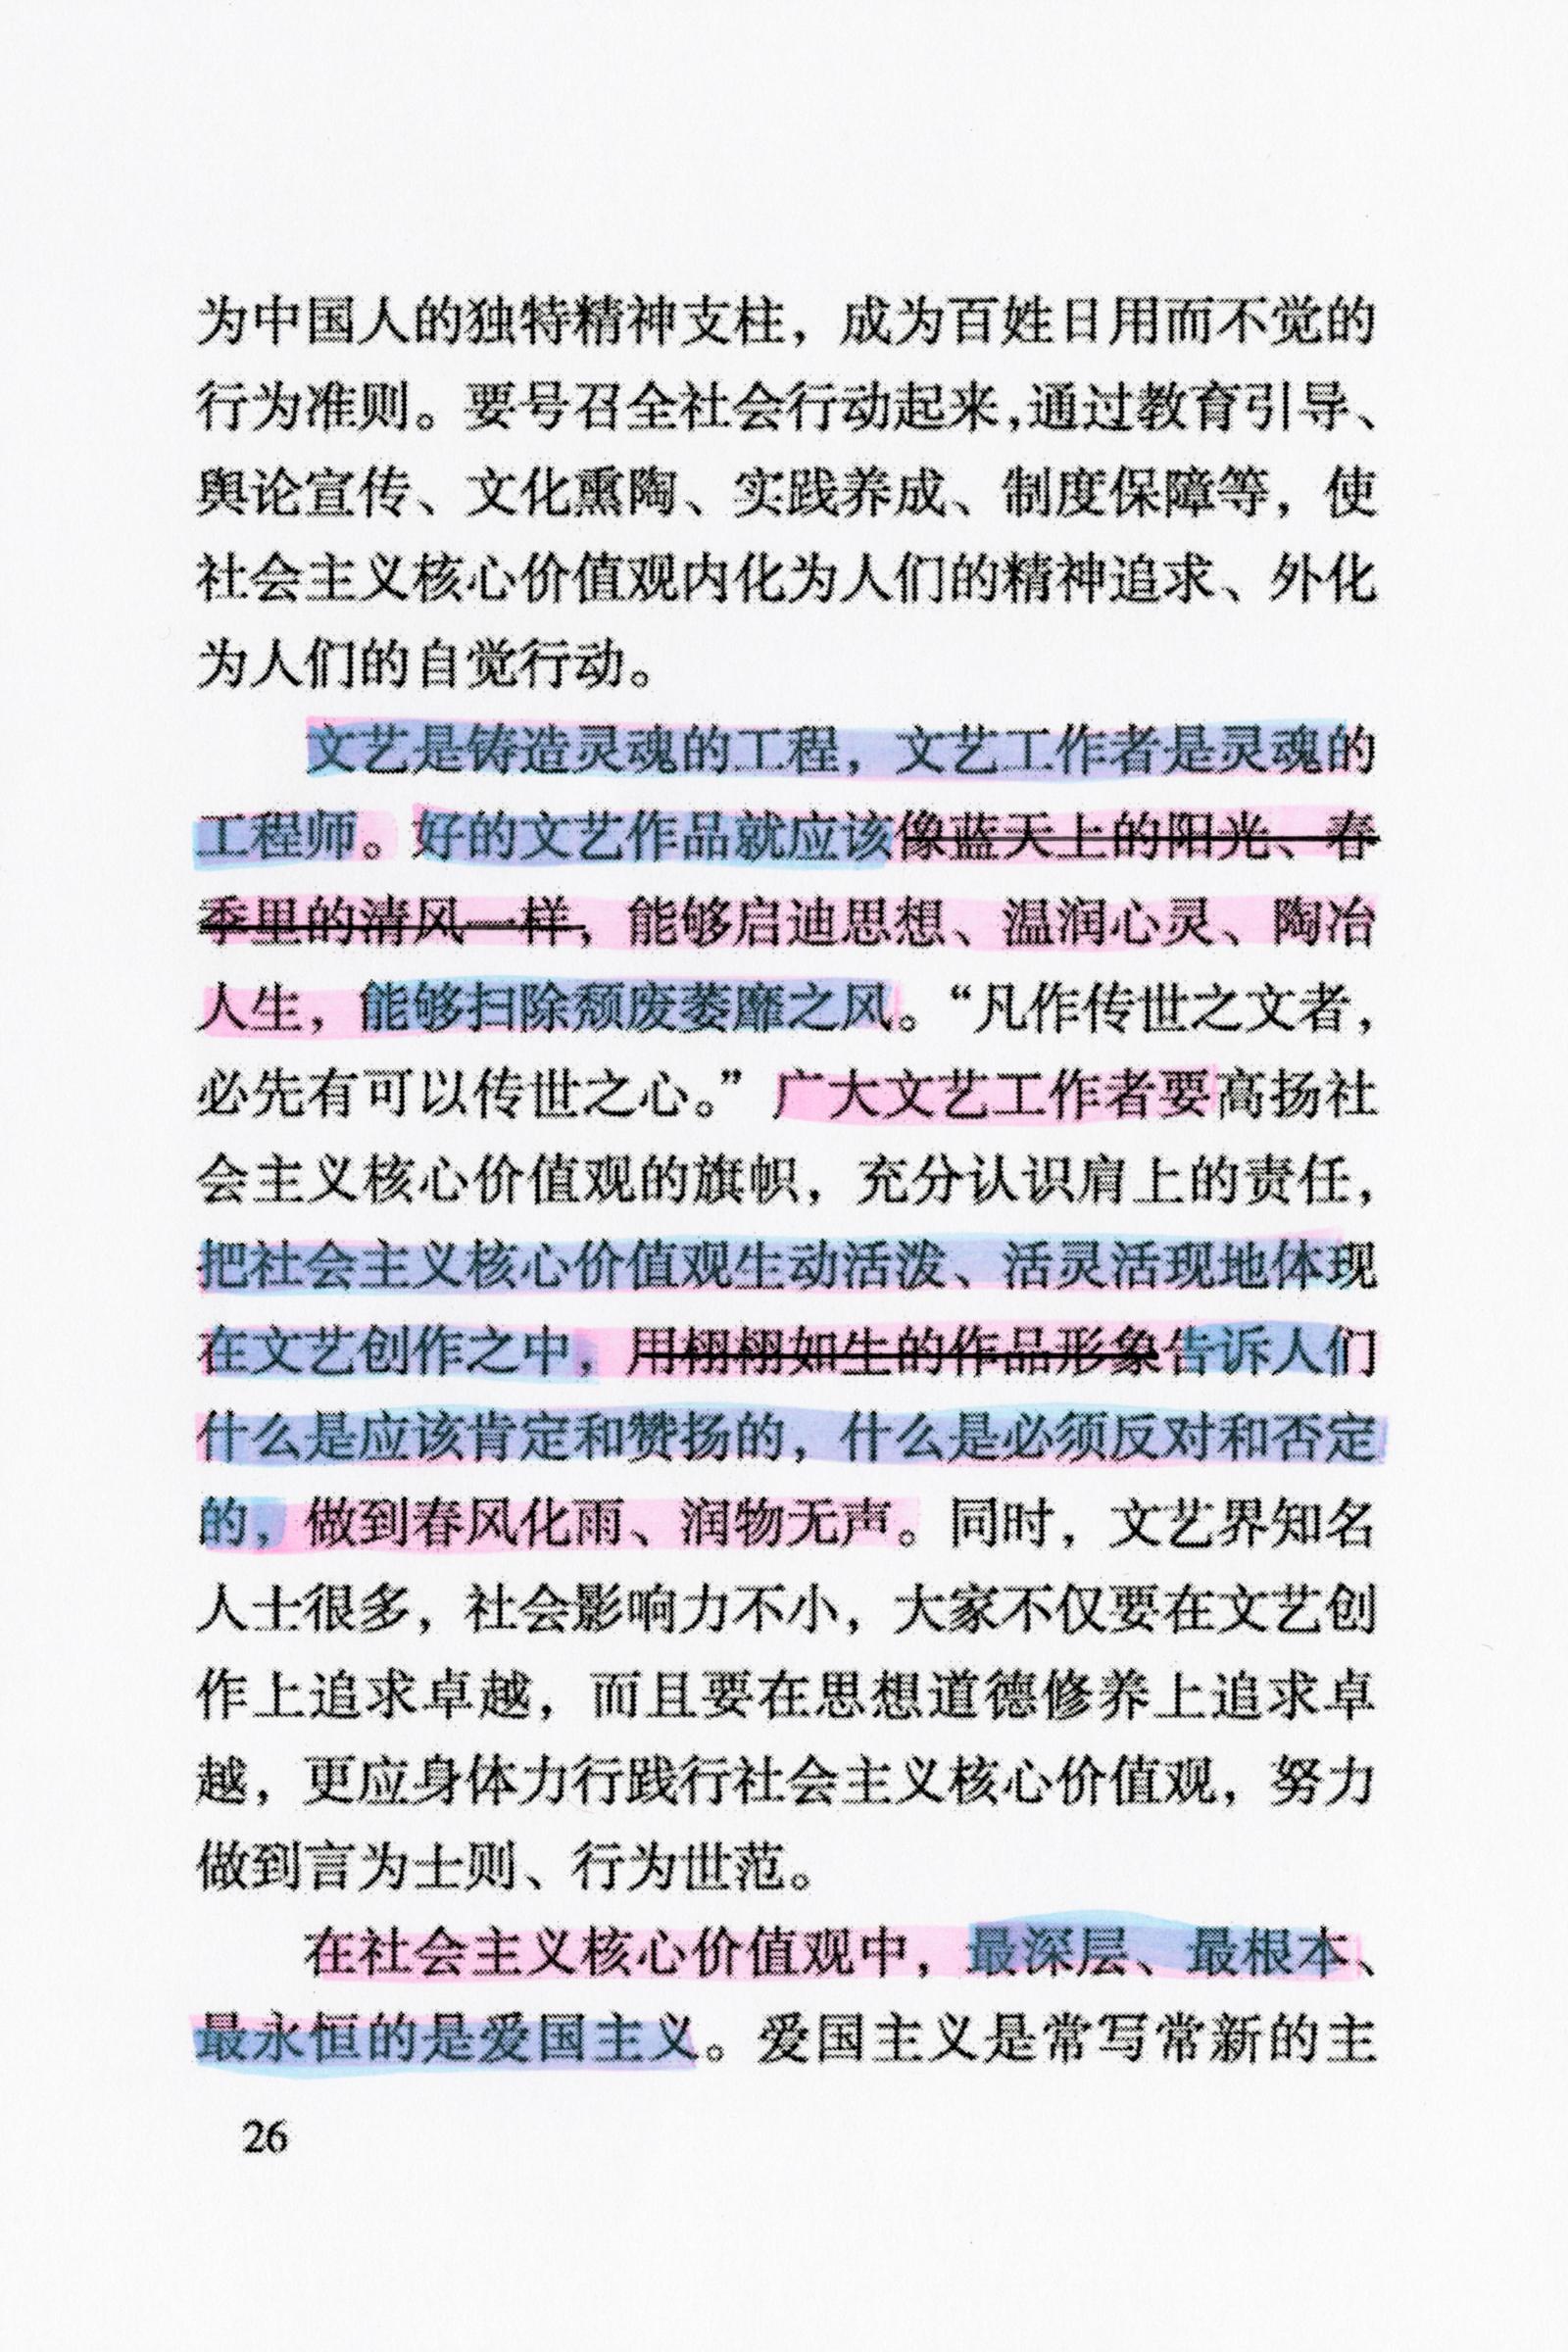 Xi2-3-27.jpg